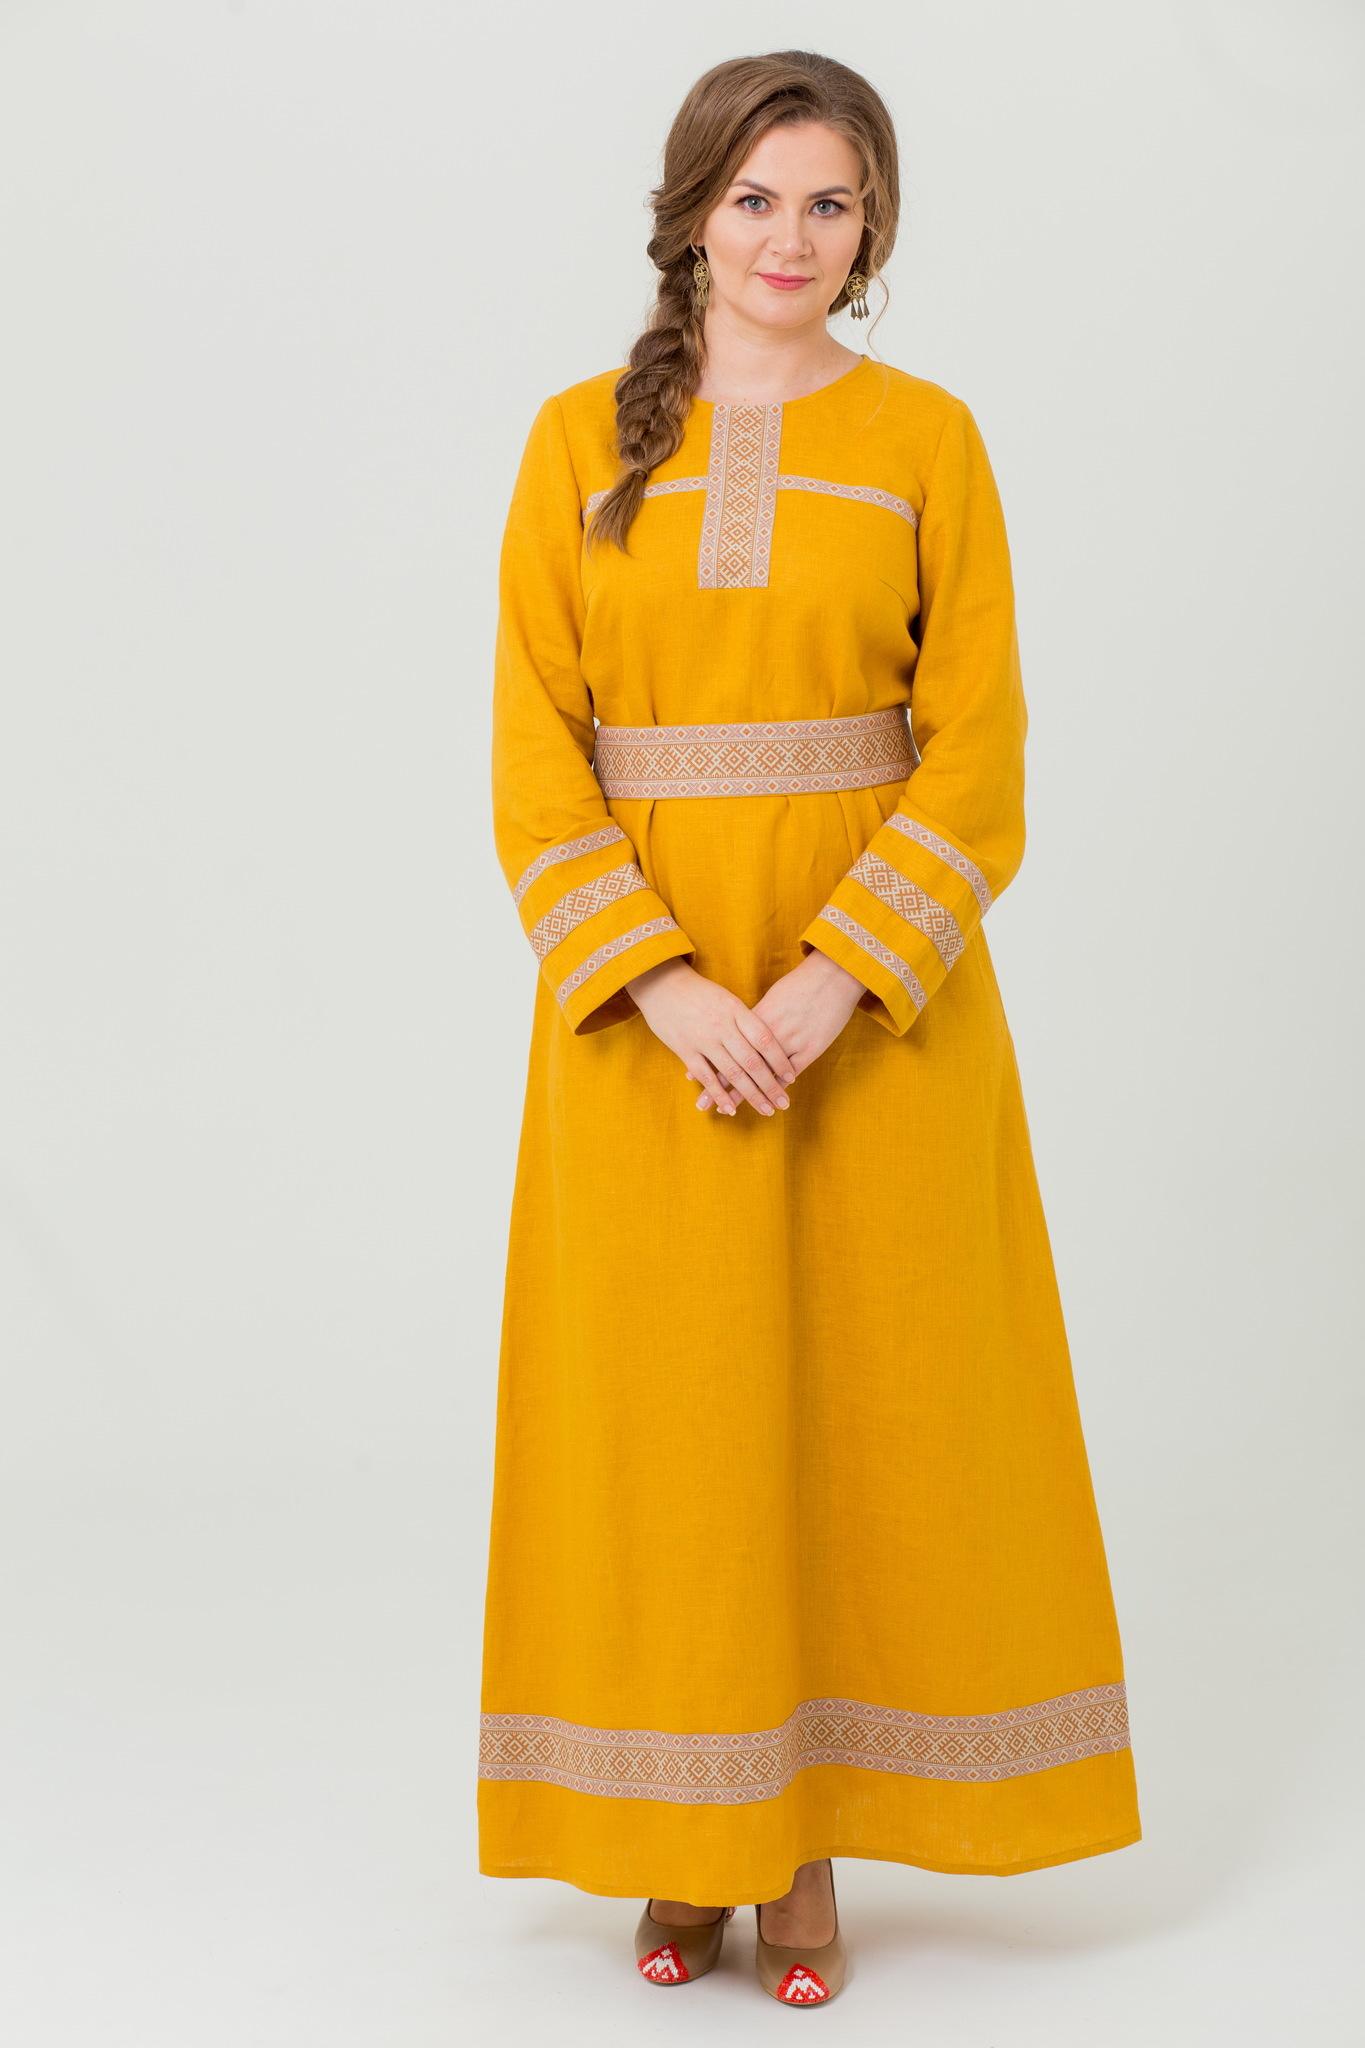 Льняное платье в русском народном стиле Горицвет